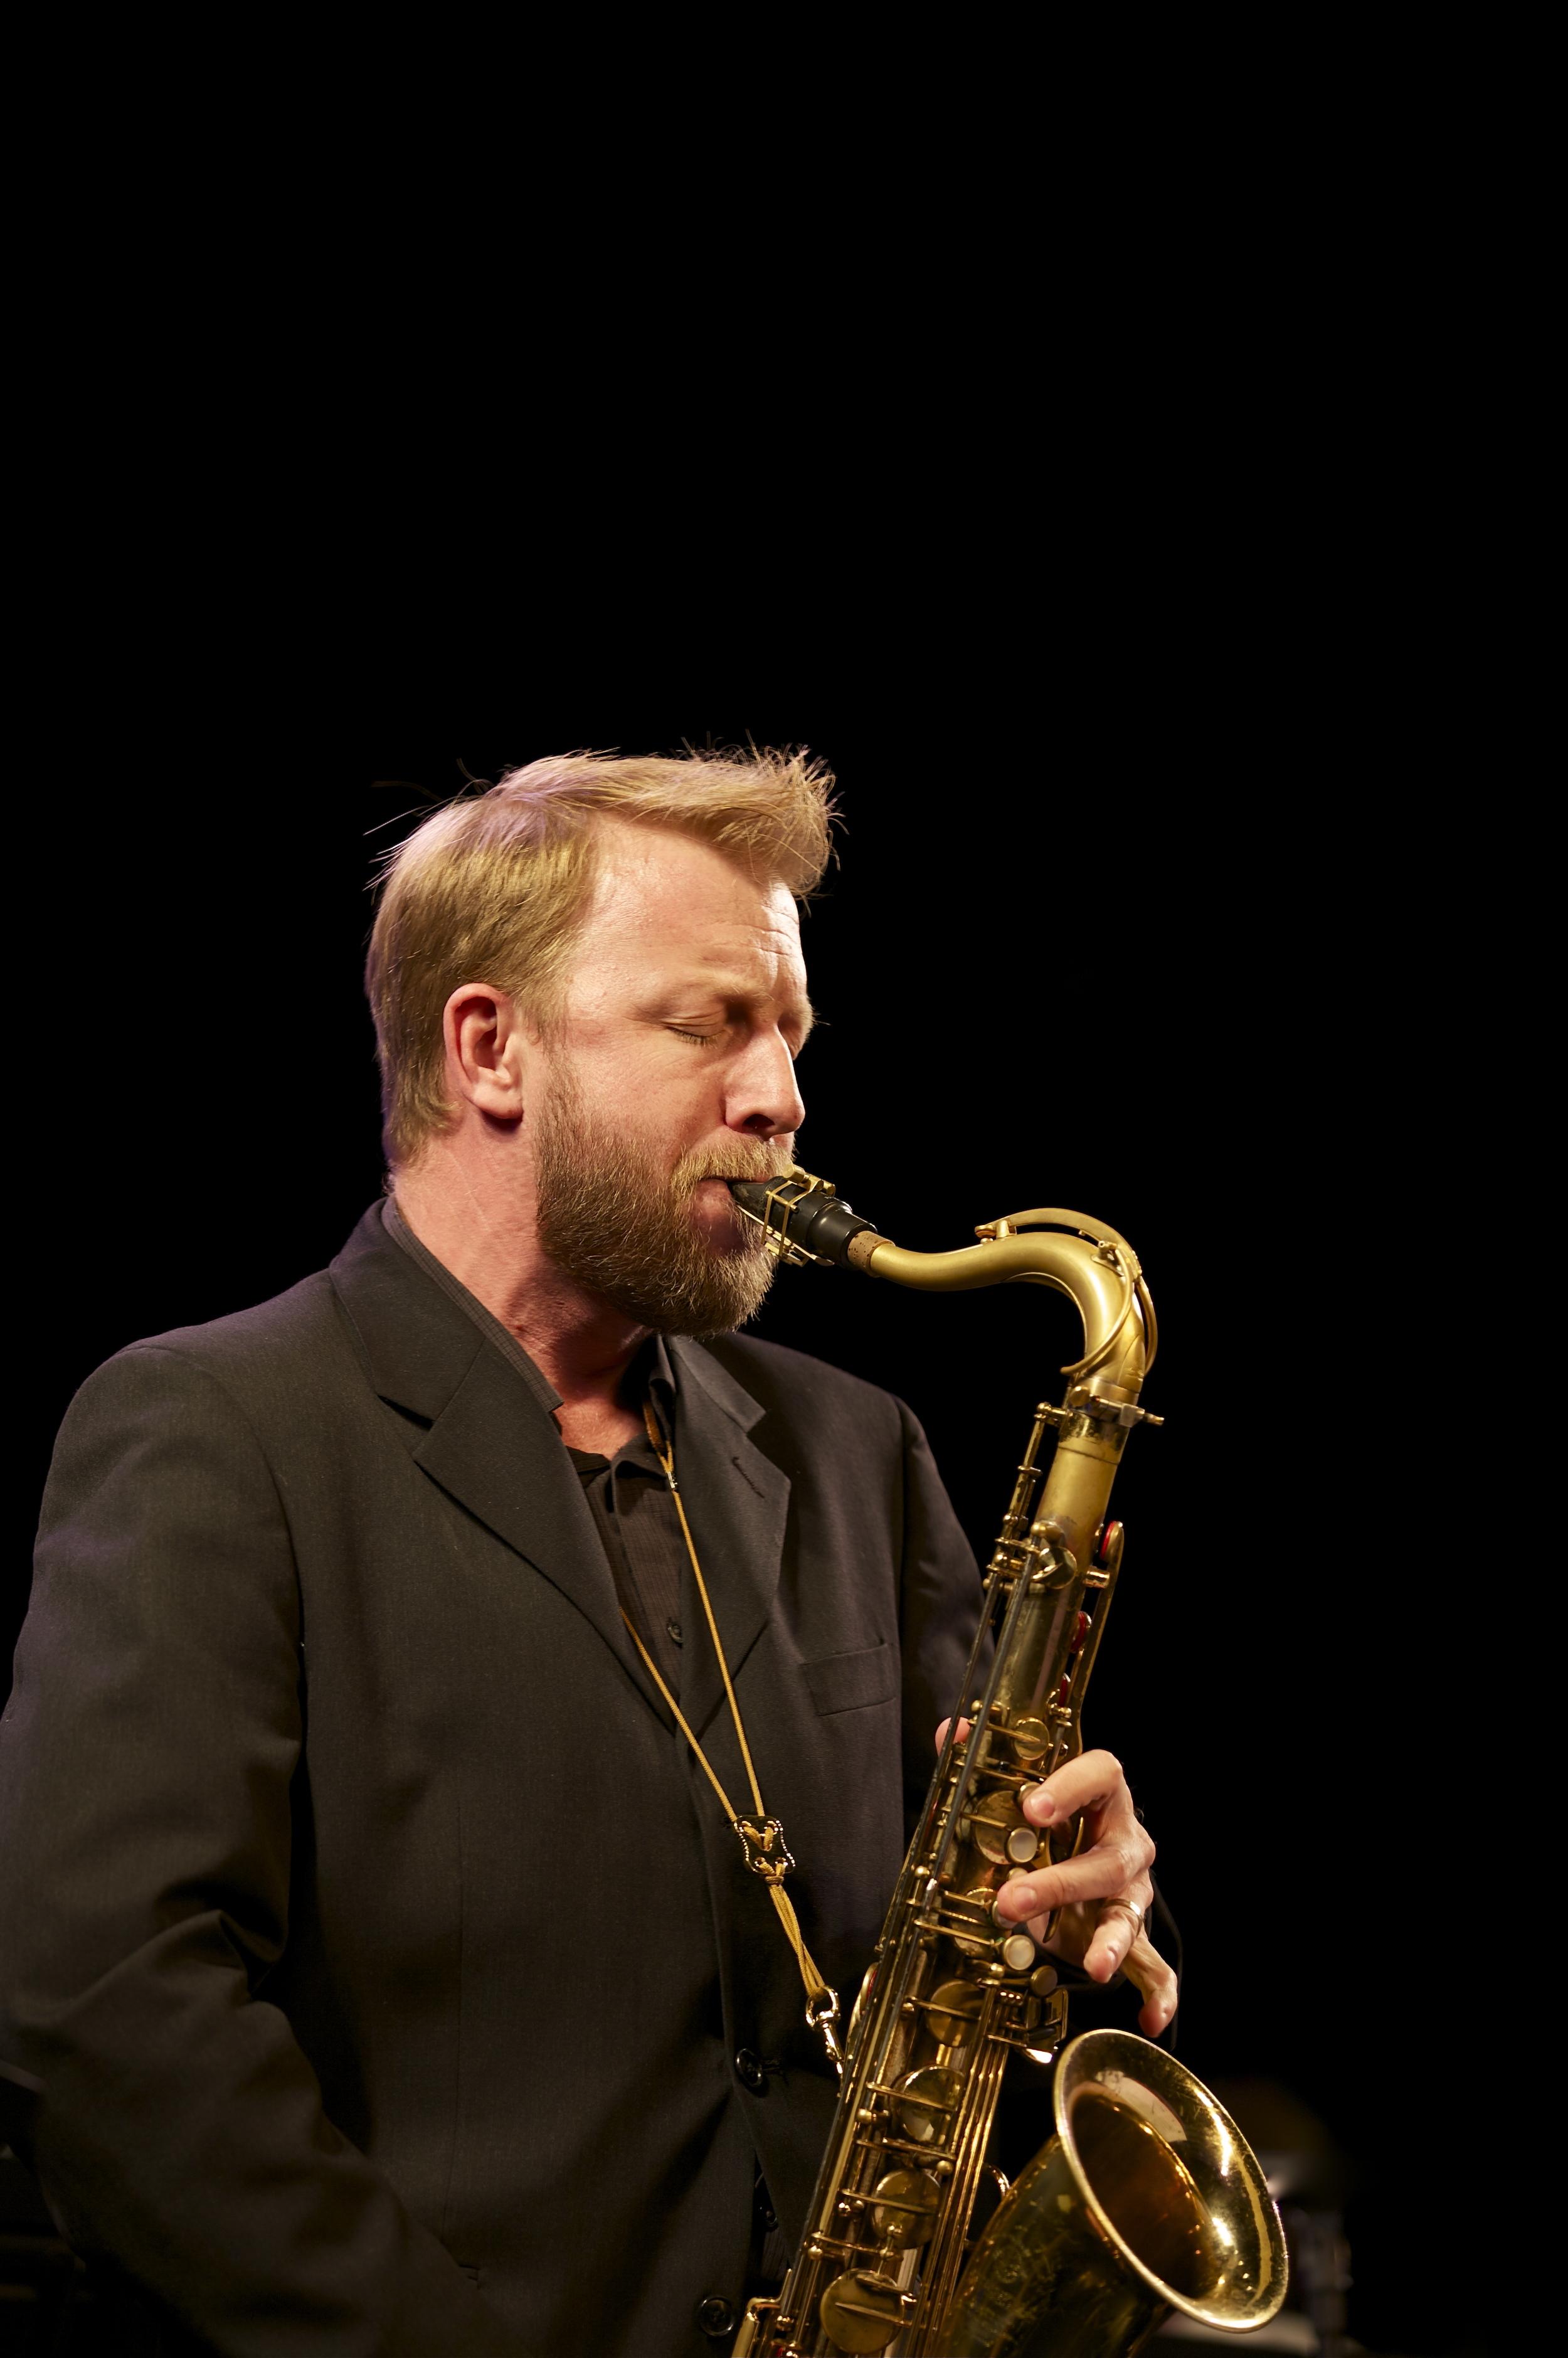 Scott Jeppesen, tenor saxophone